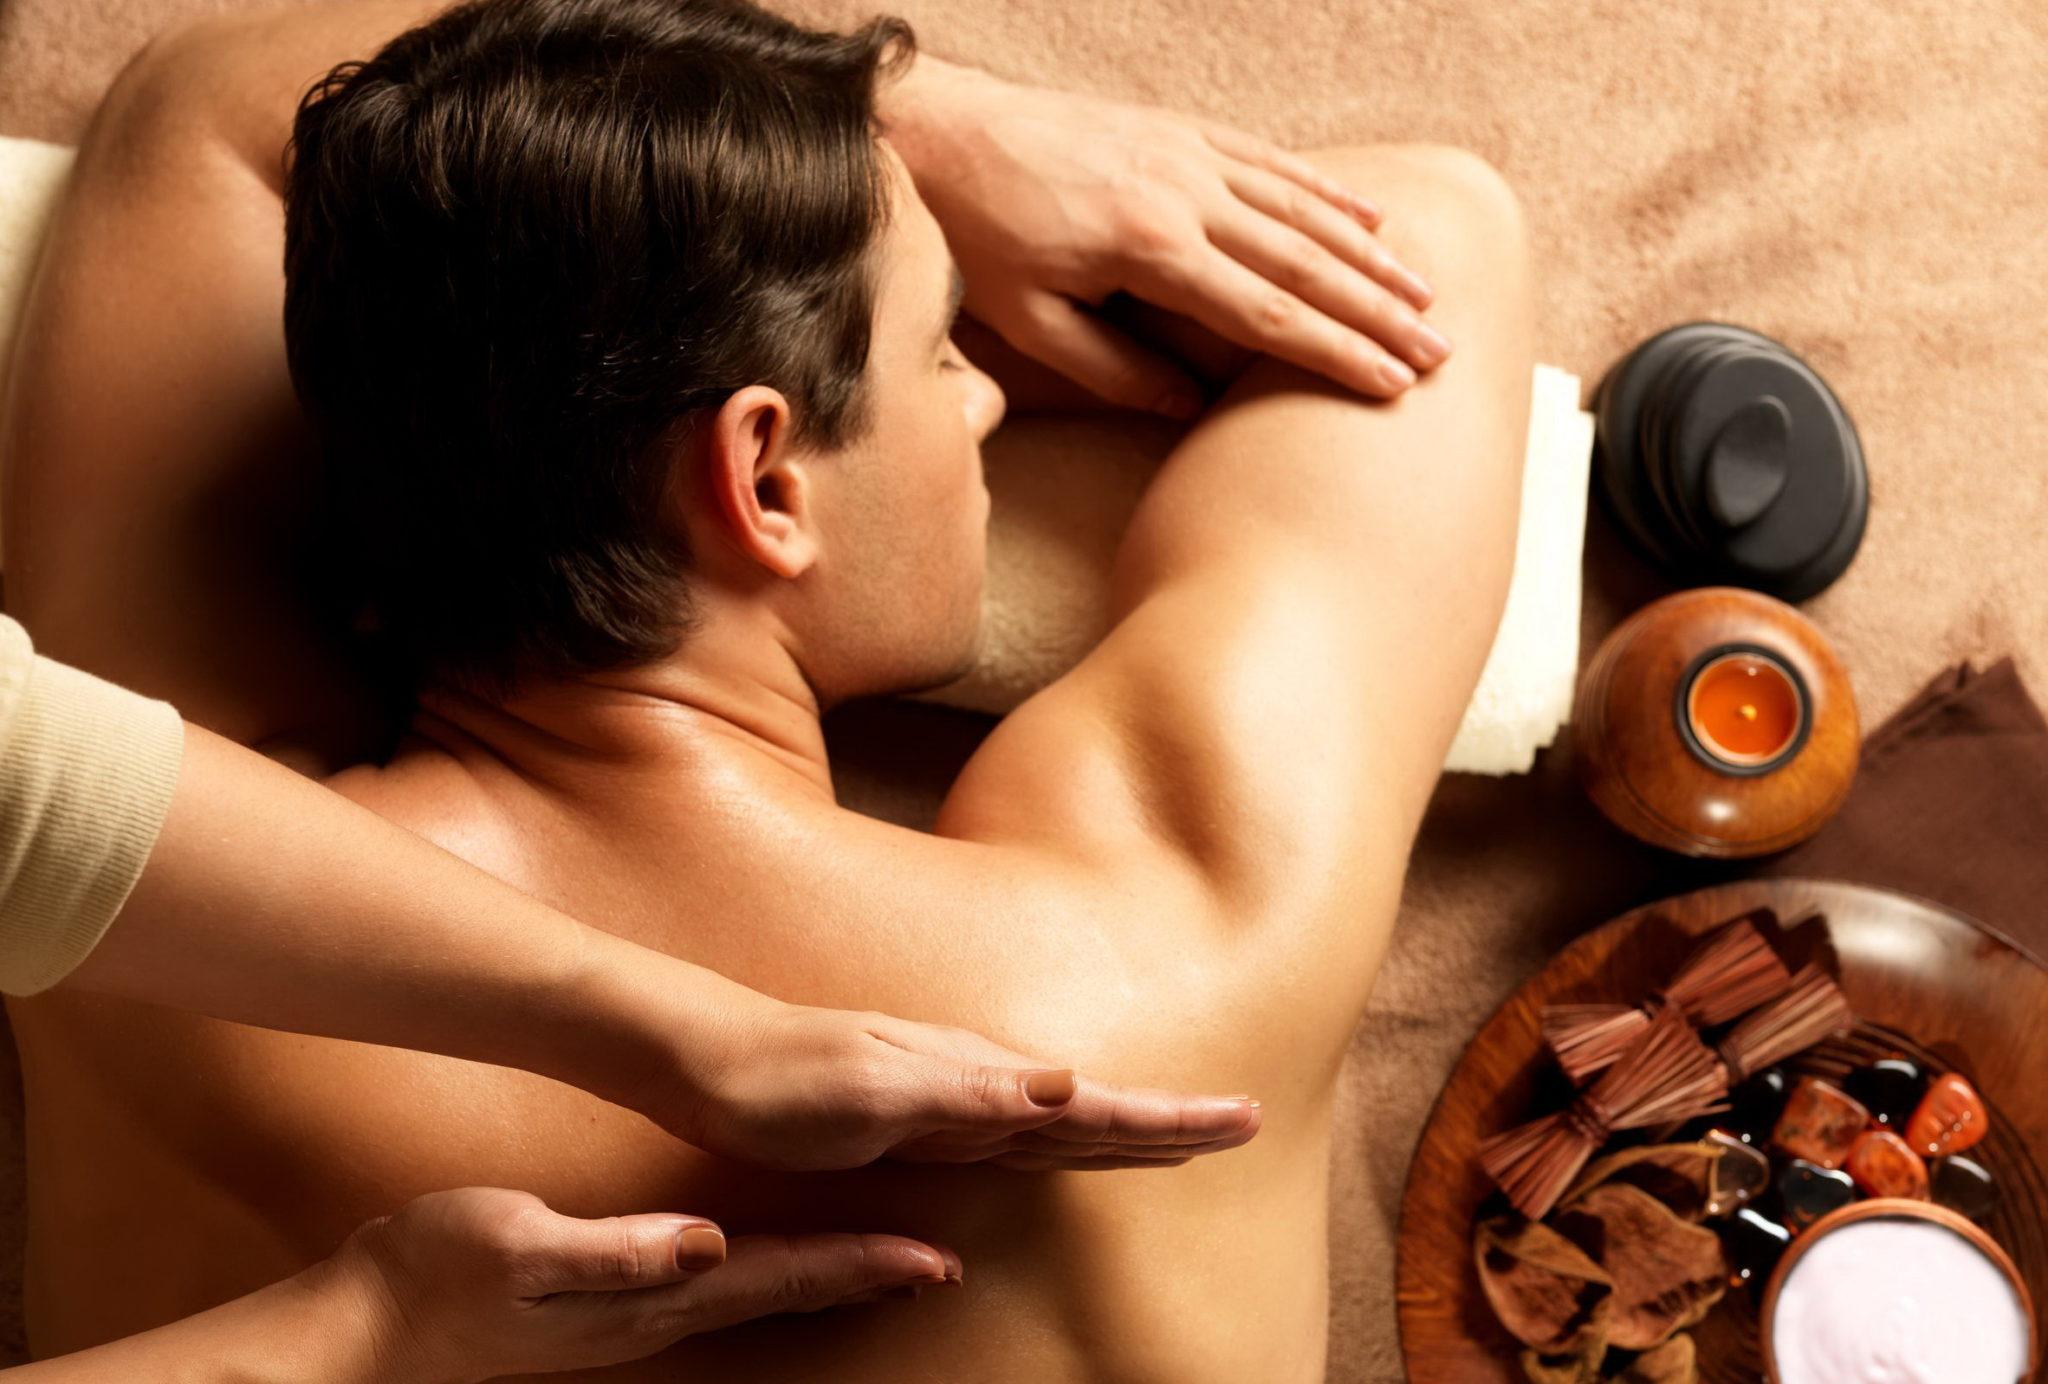 Masajes 101: tipos de masajes y sus beneficios   El Imparcial de Oaxaca